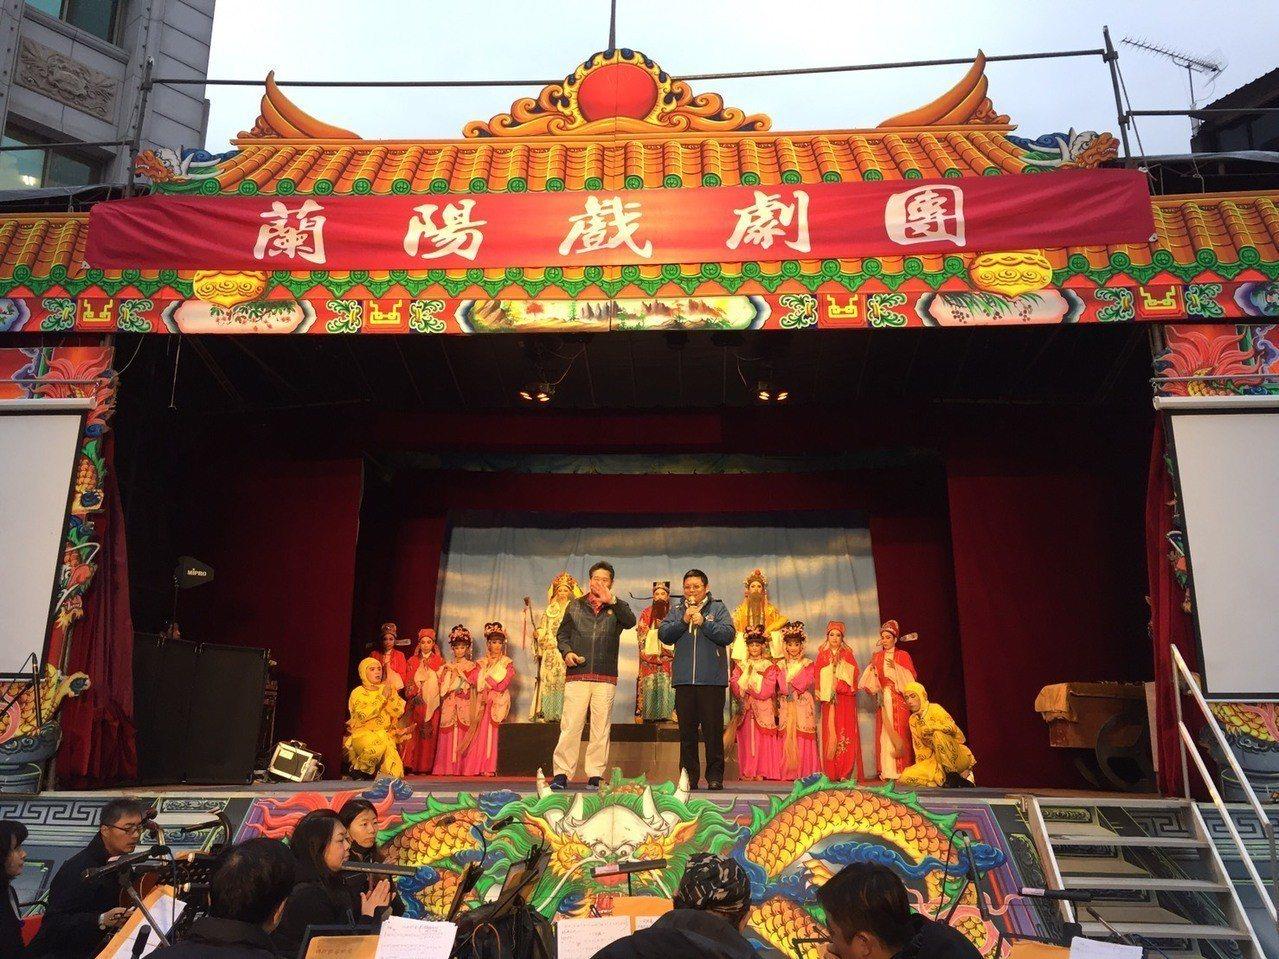 蘭陽戲劇團是台灣第一、也是唯一公立歌仔戲團,今年預算被刪,陷入生存困境, 宜蘭縣...